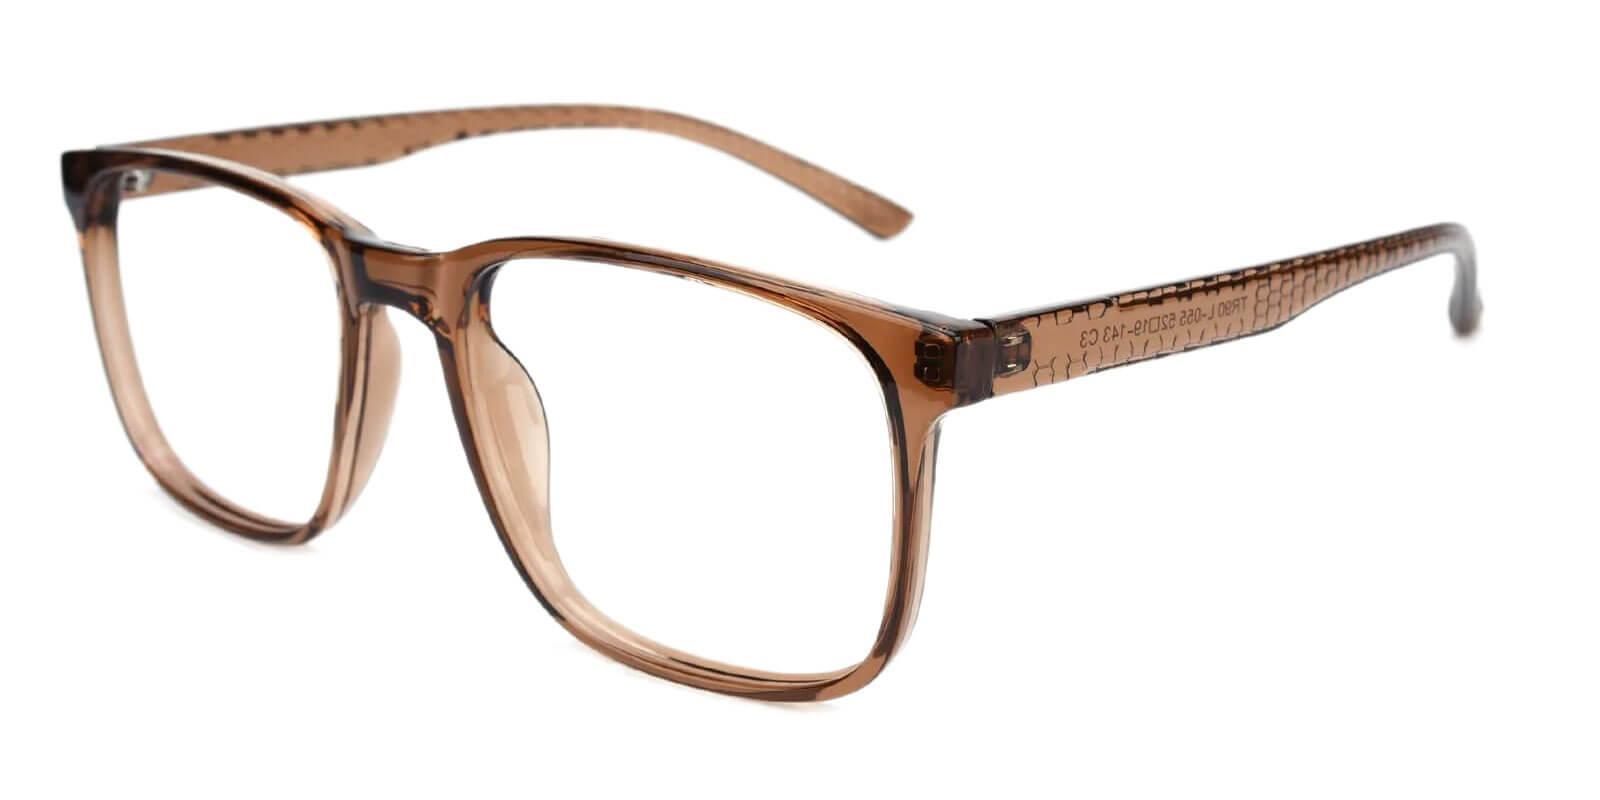 Warren Brown TR Eyeglasses , UniversalBridgeFit Frames from ABBE Glasses